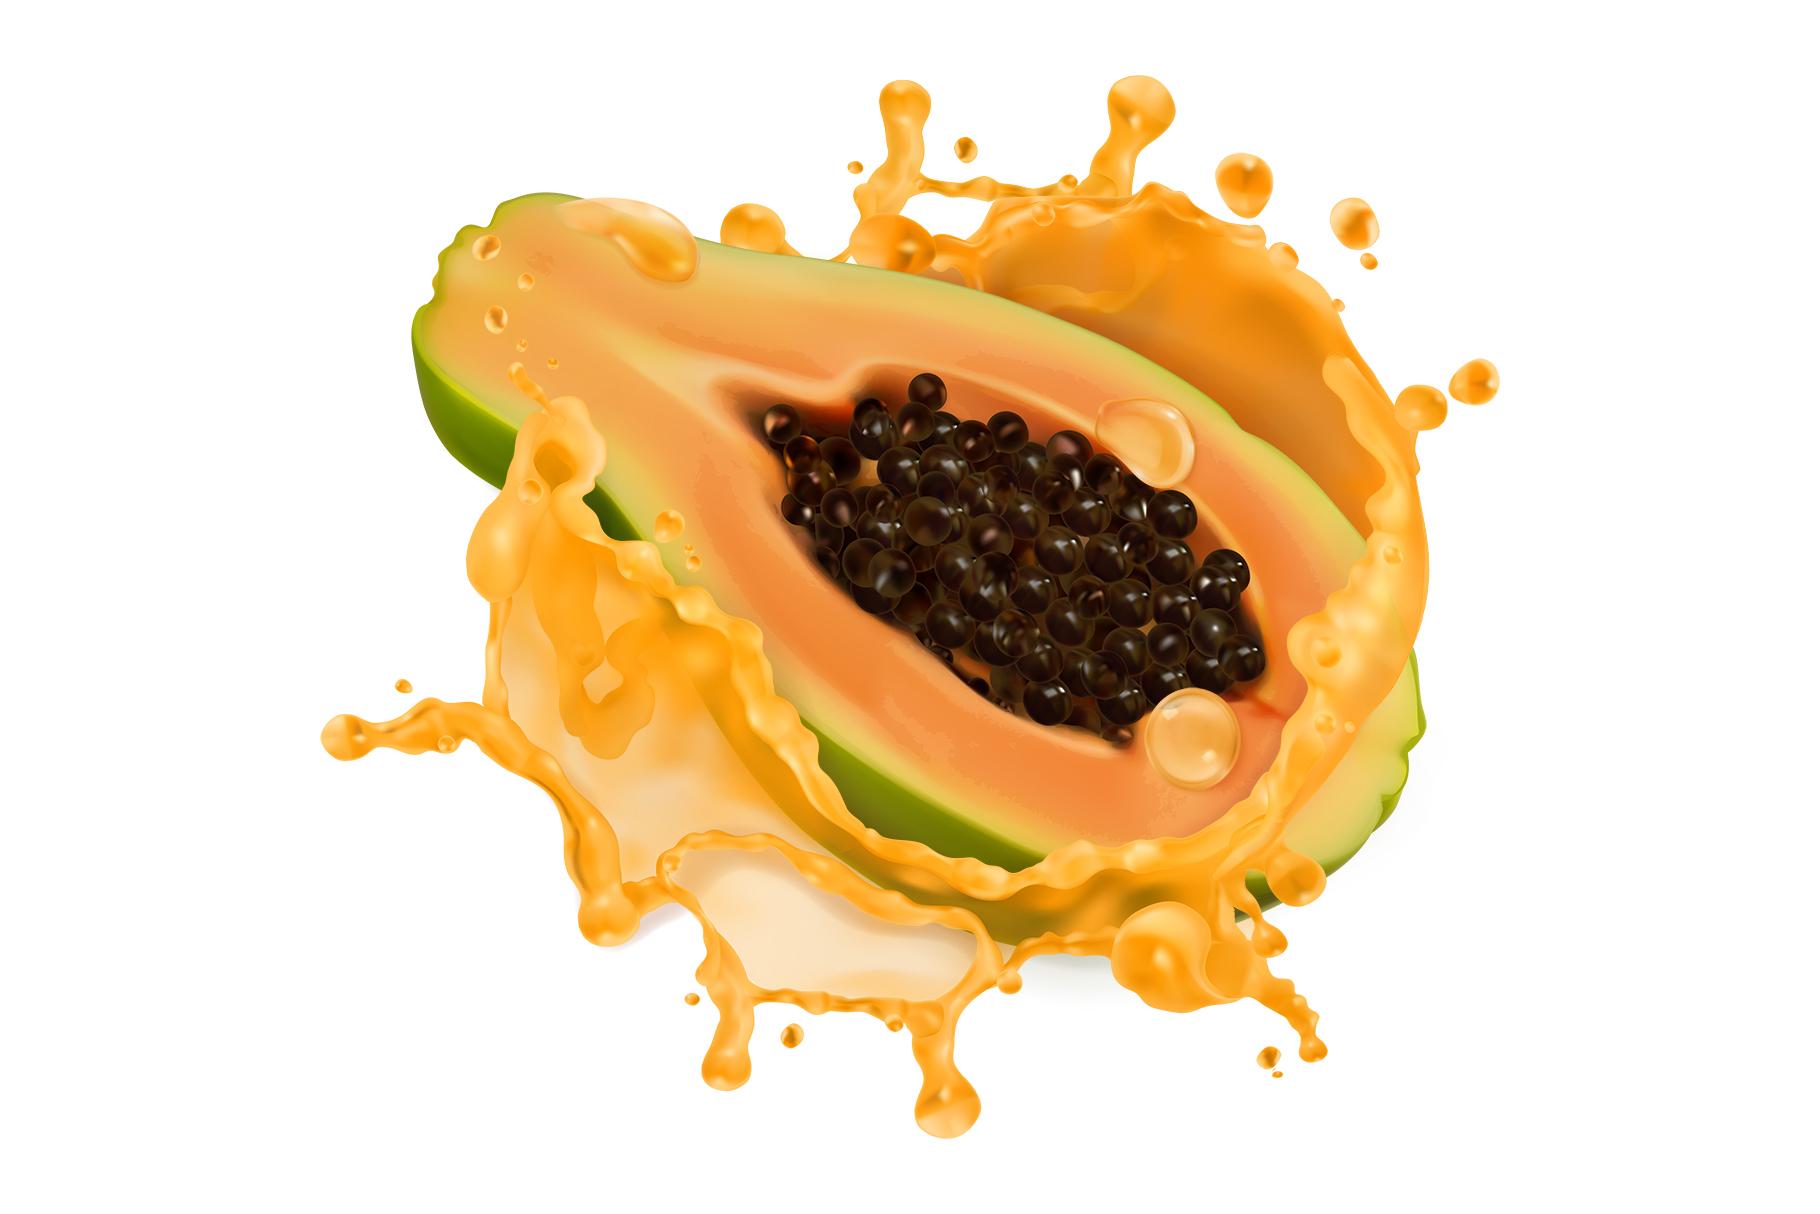 Orange juice, kiwi, banana, tomato juice, watermelon, papaya example image 3